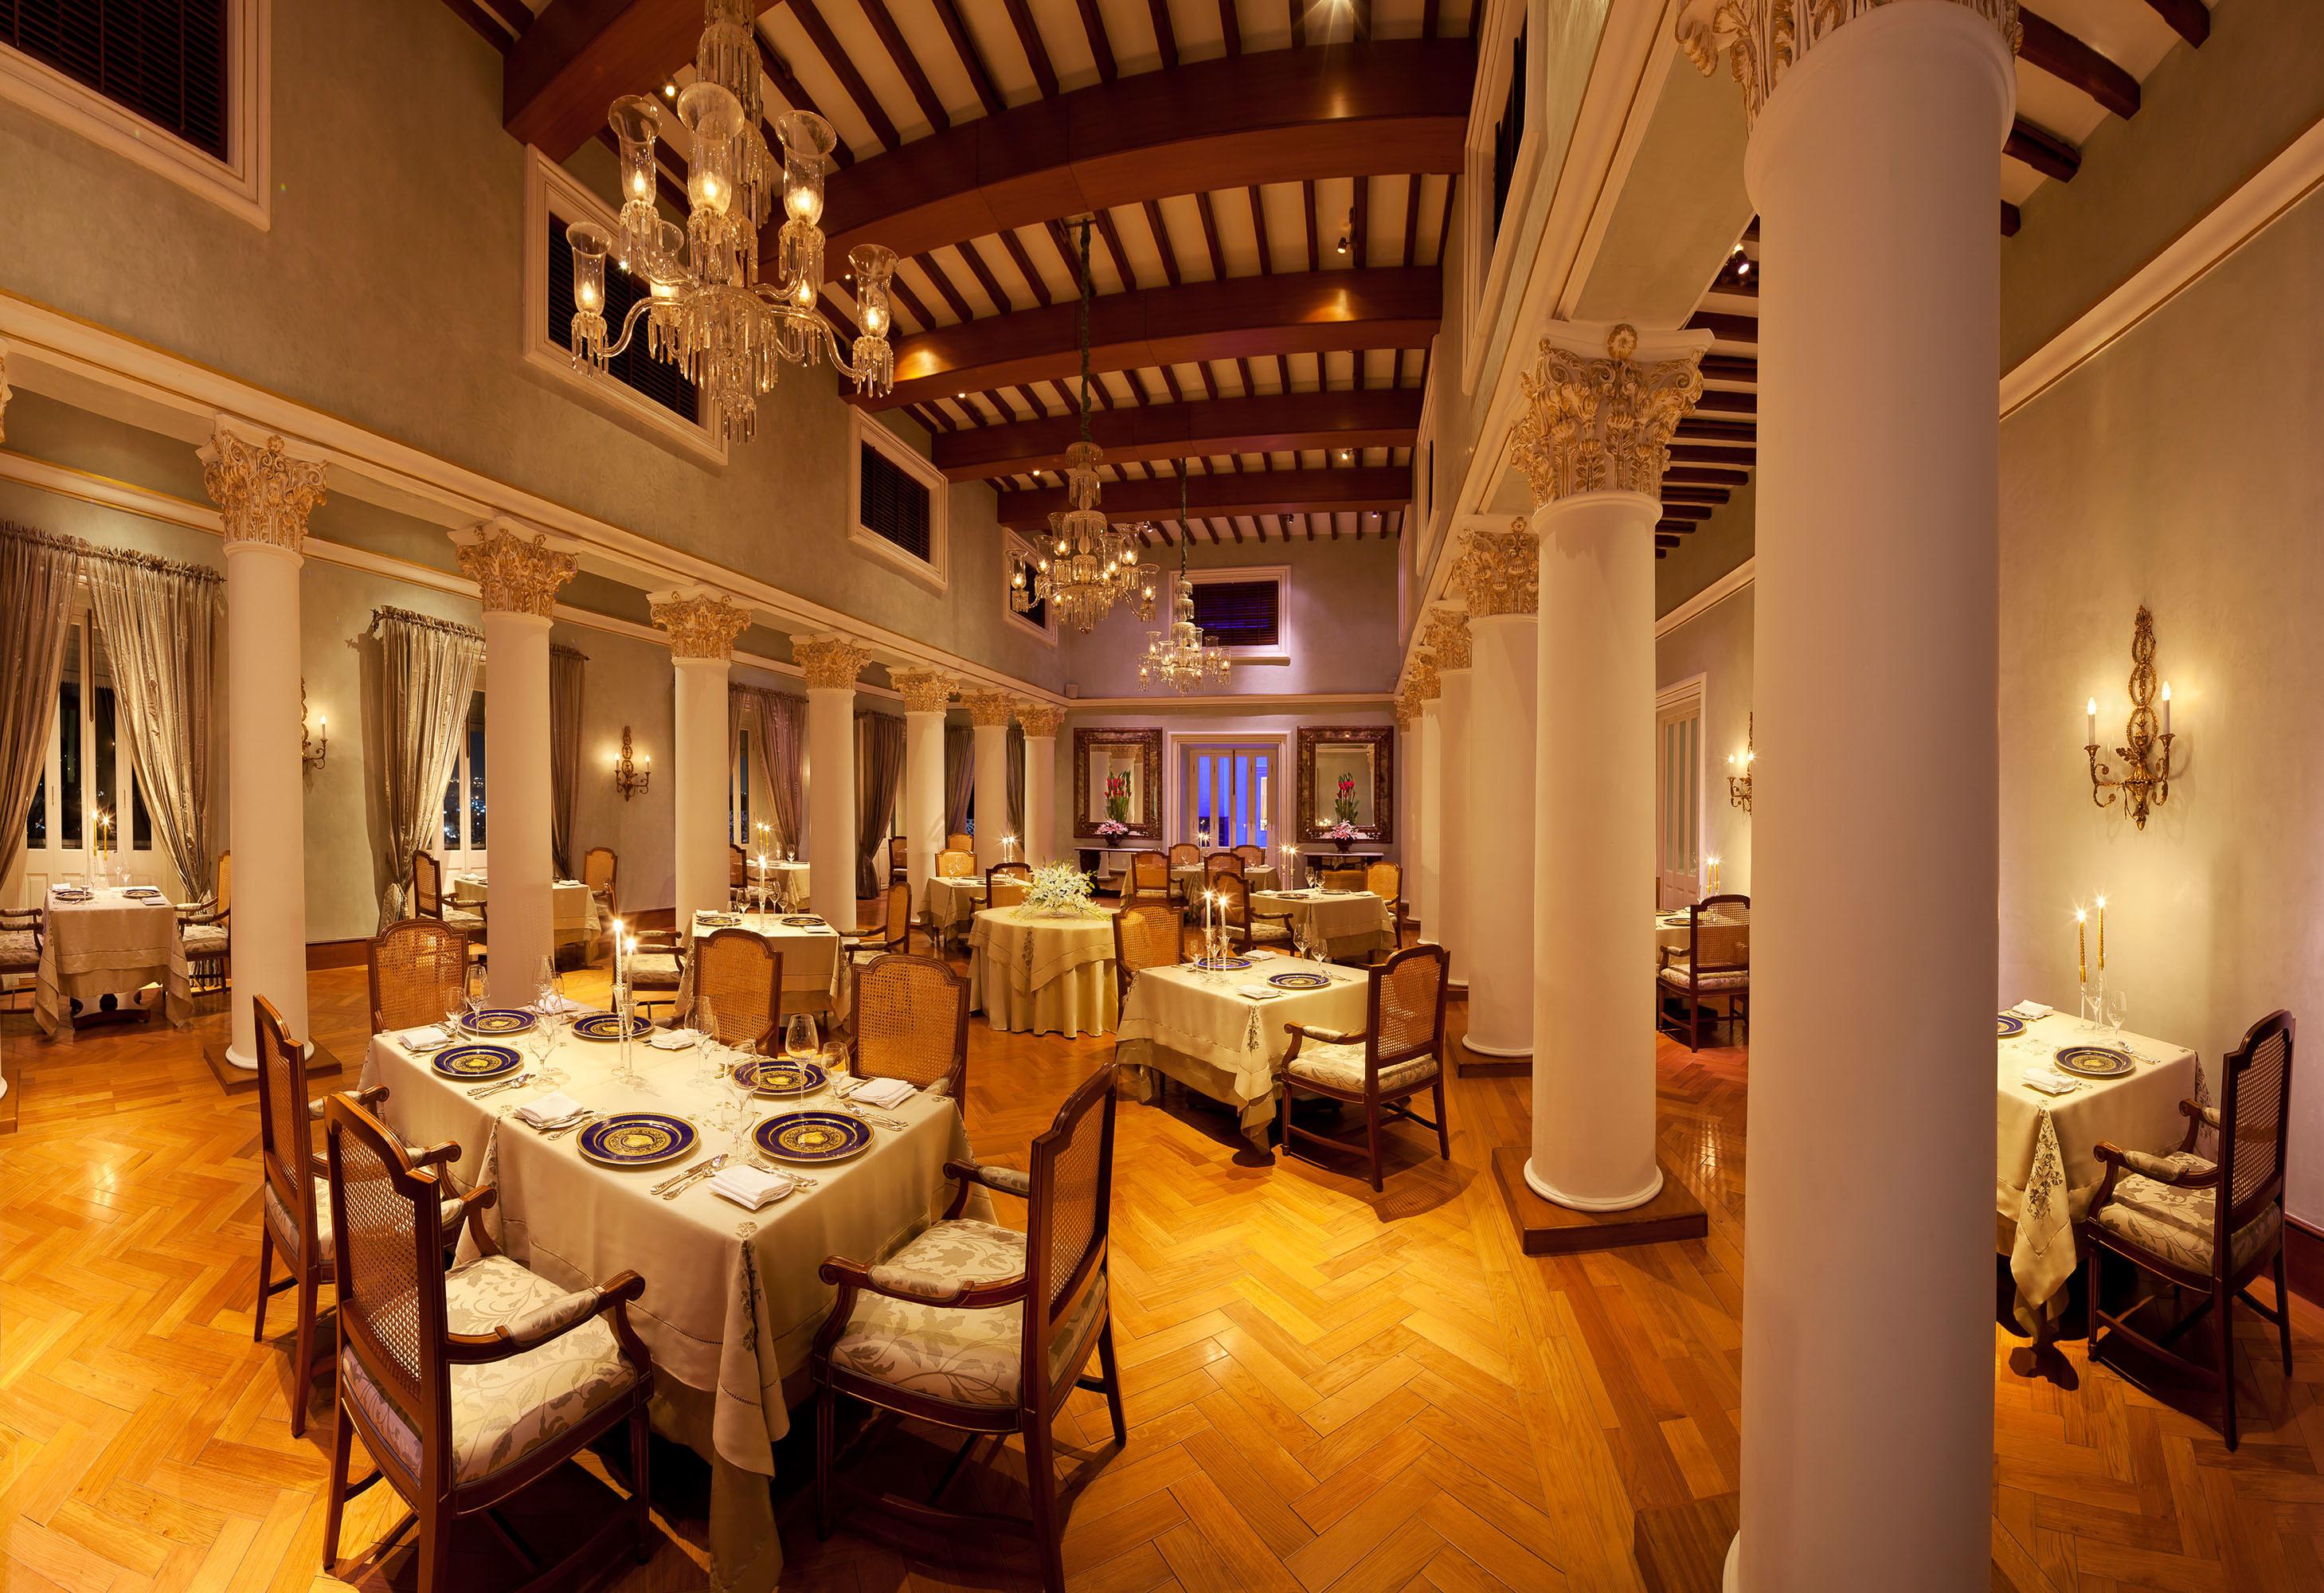 Photo 7 / 19 : Luxury Hotel Taj Falaknuma Palace Luxury